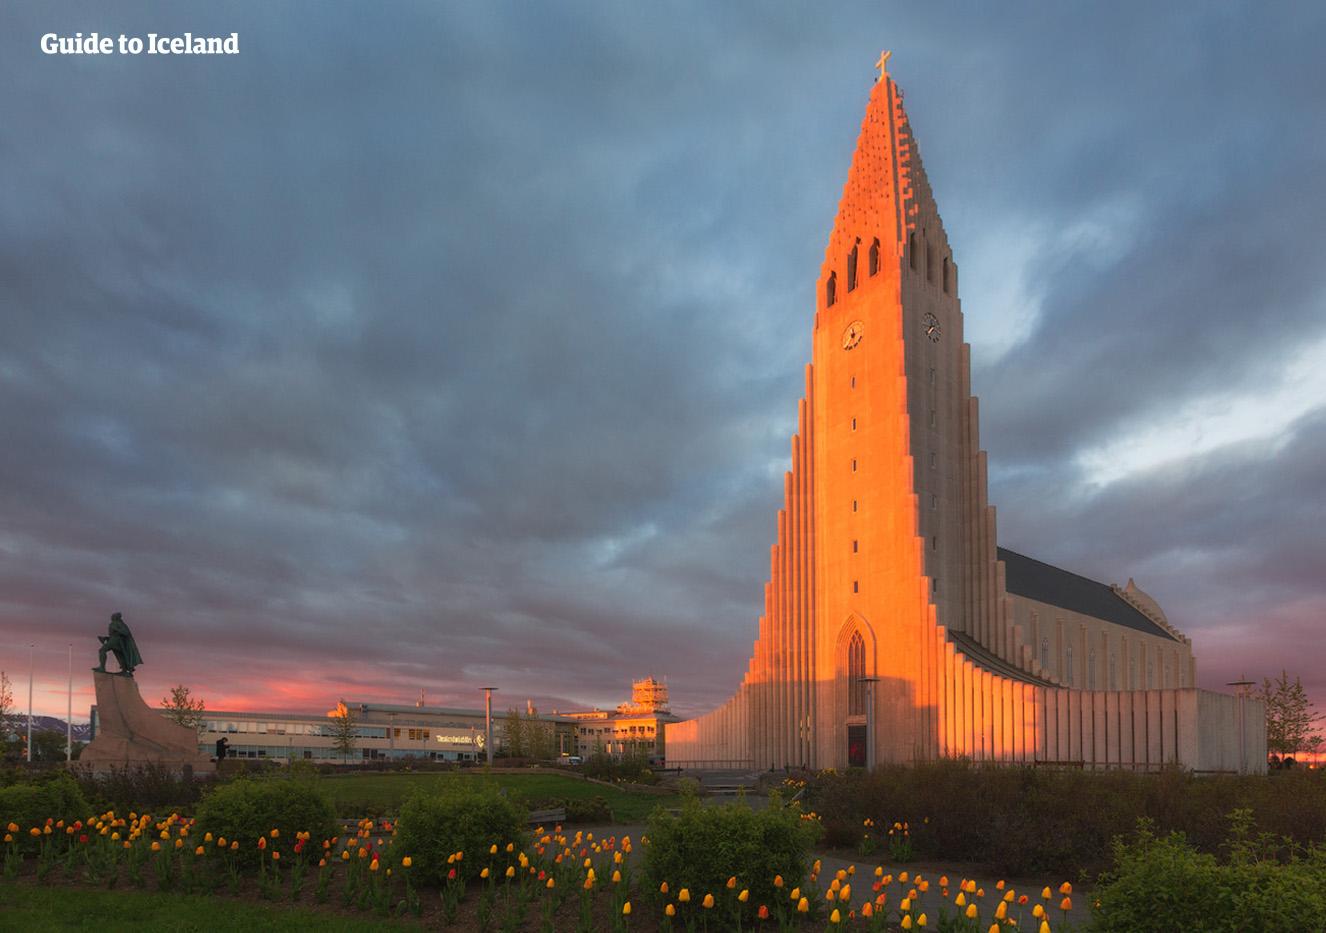 Le bâtiment emblématique de Reykjavík, l'église Hallgrímskirkja, baignait dans les rayons du soleil de minuit.